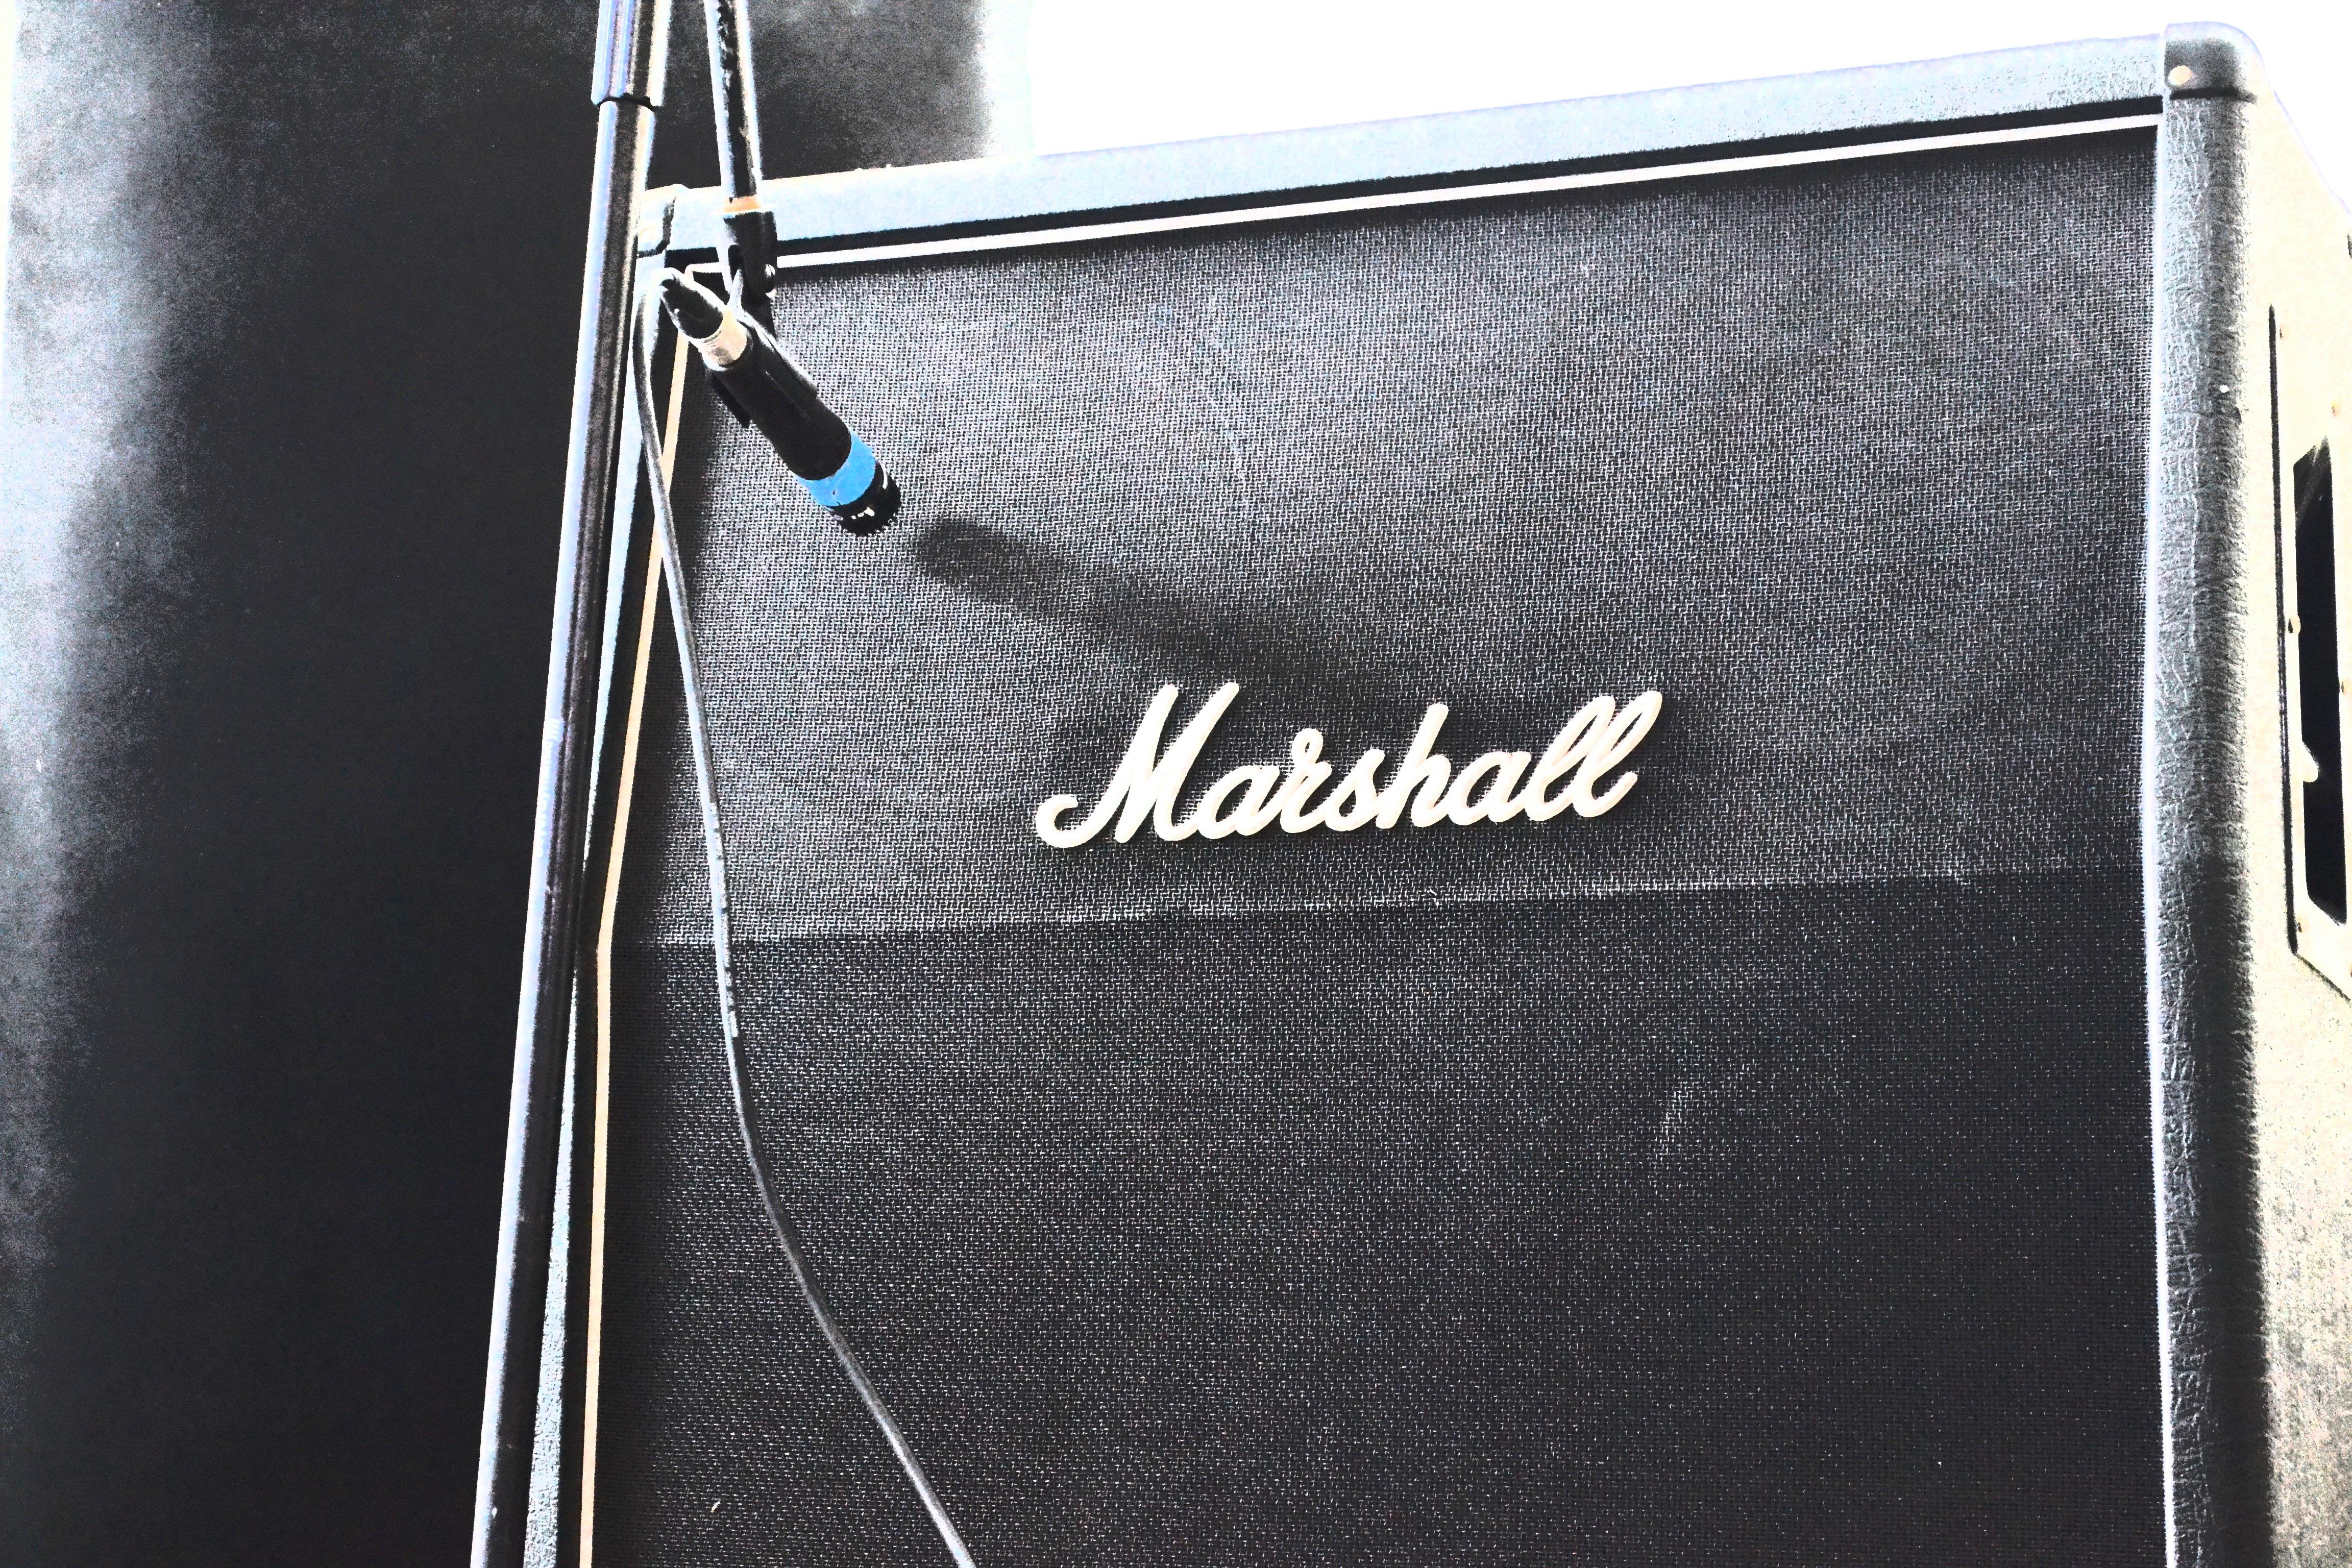 Marshall!